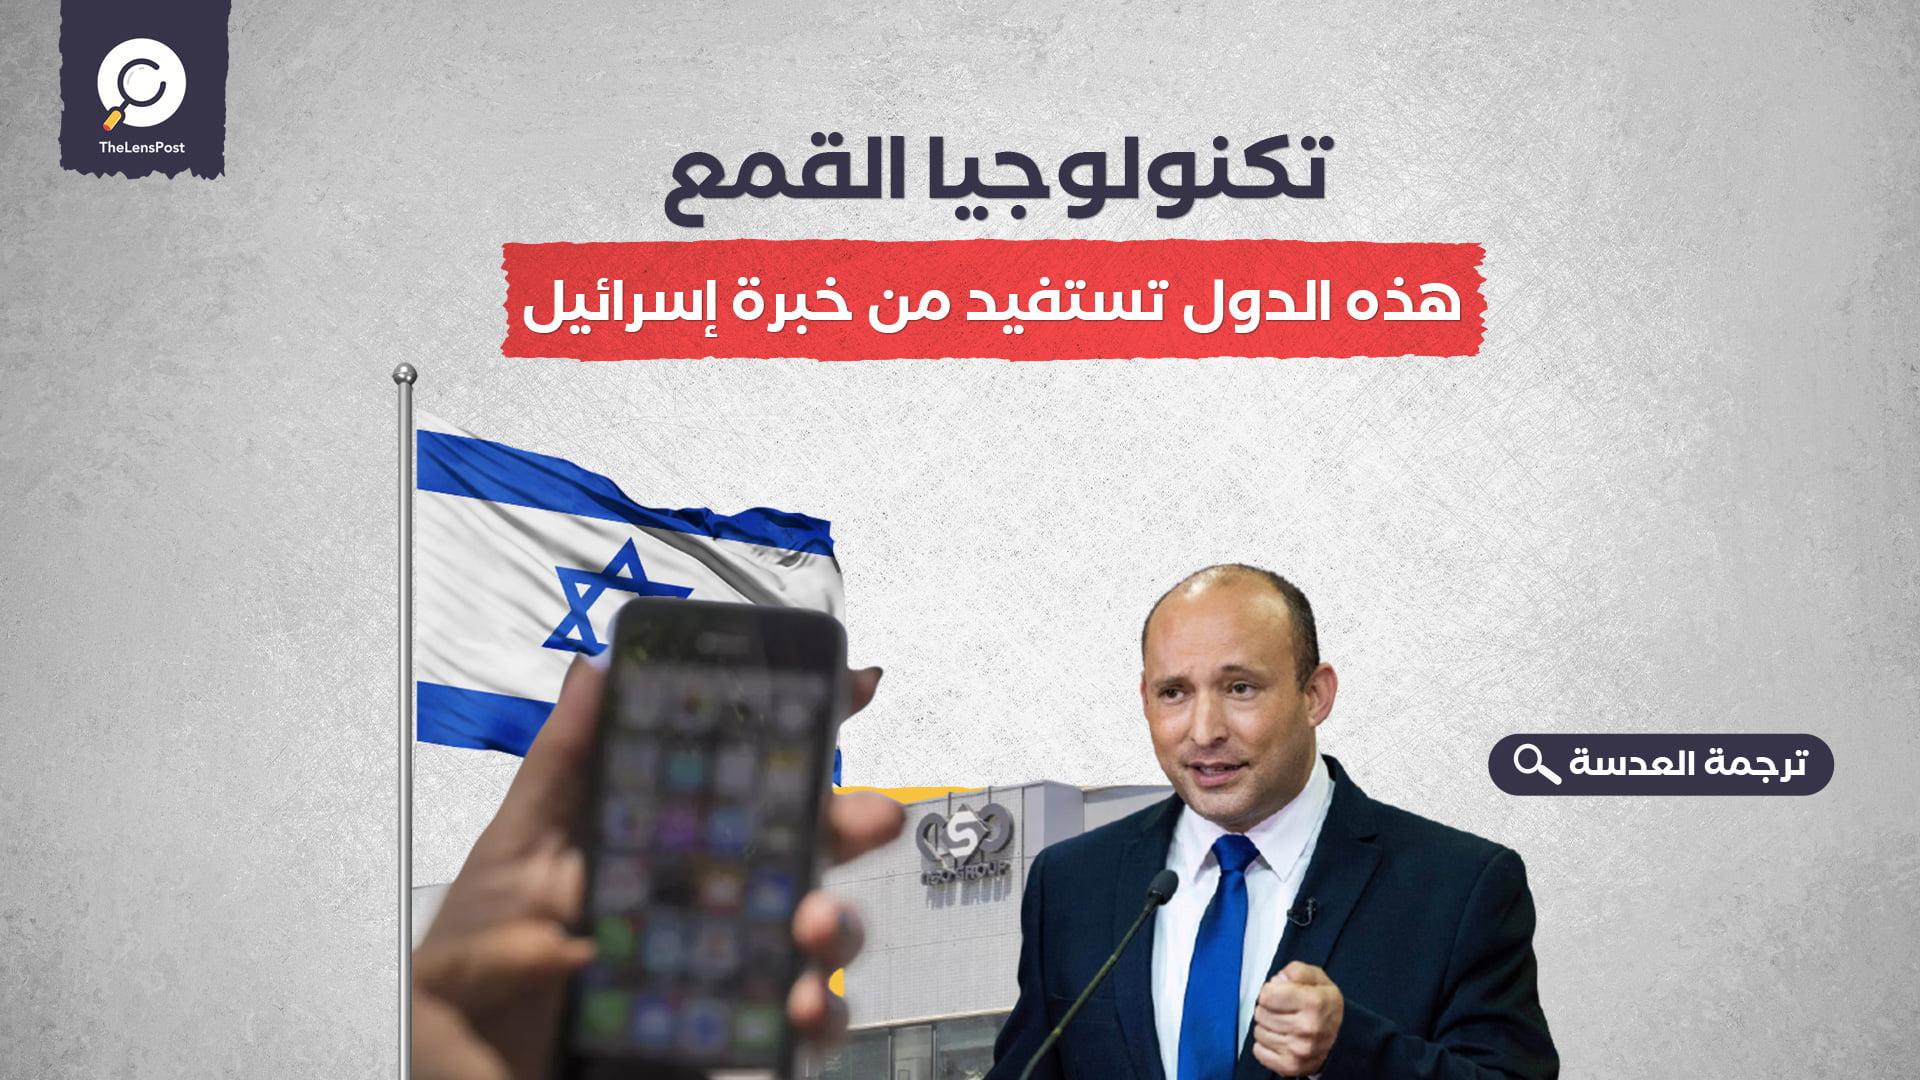 تكنولوجيا القمع.. هذه الدول تستفيد من خبرة إسرائيل